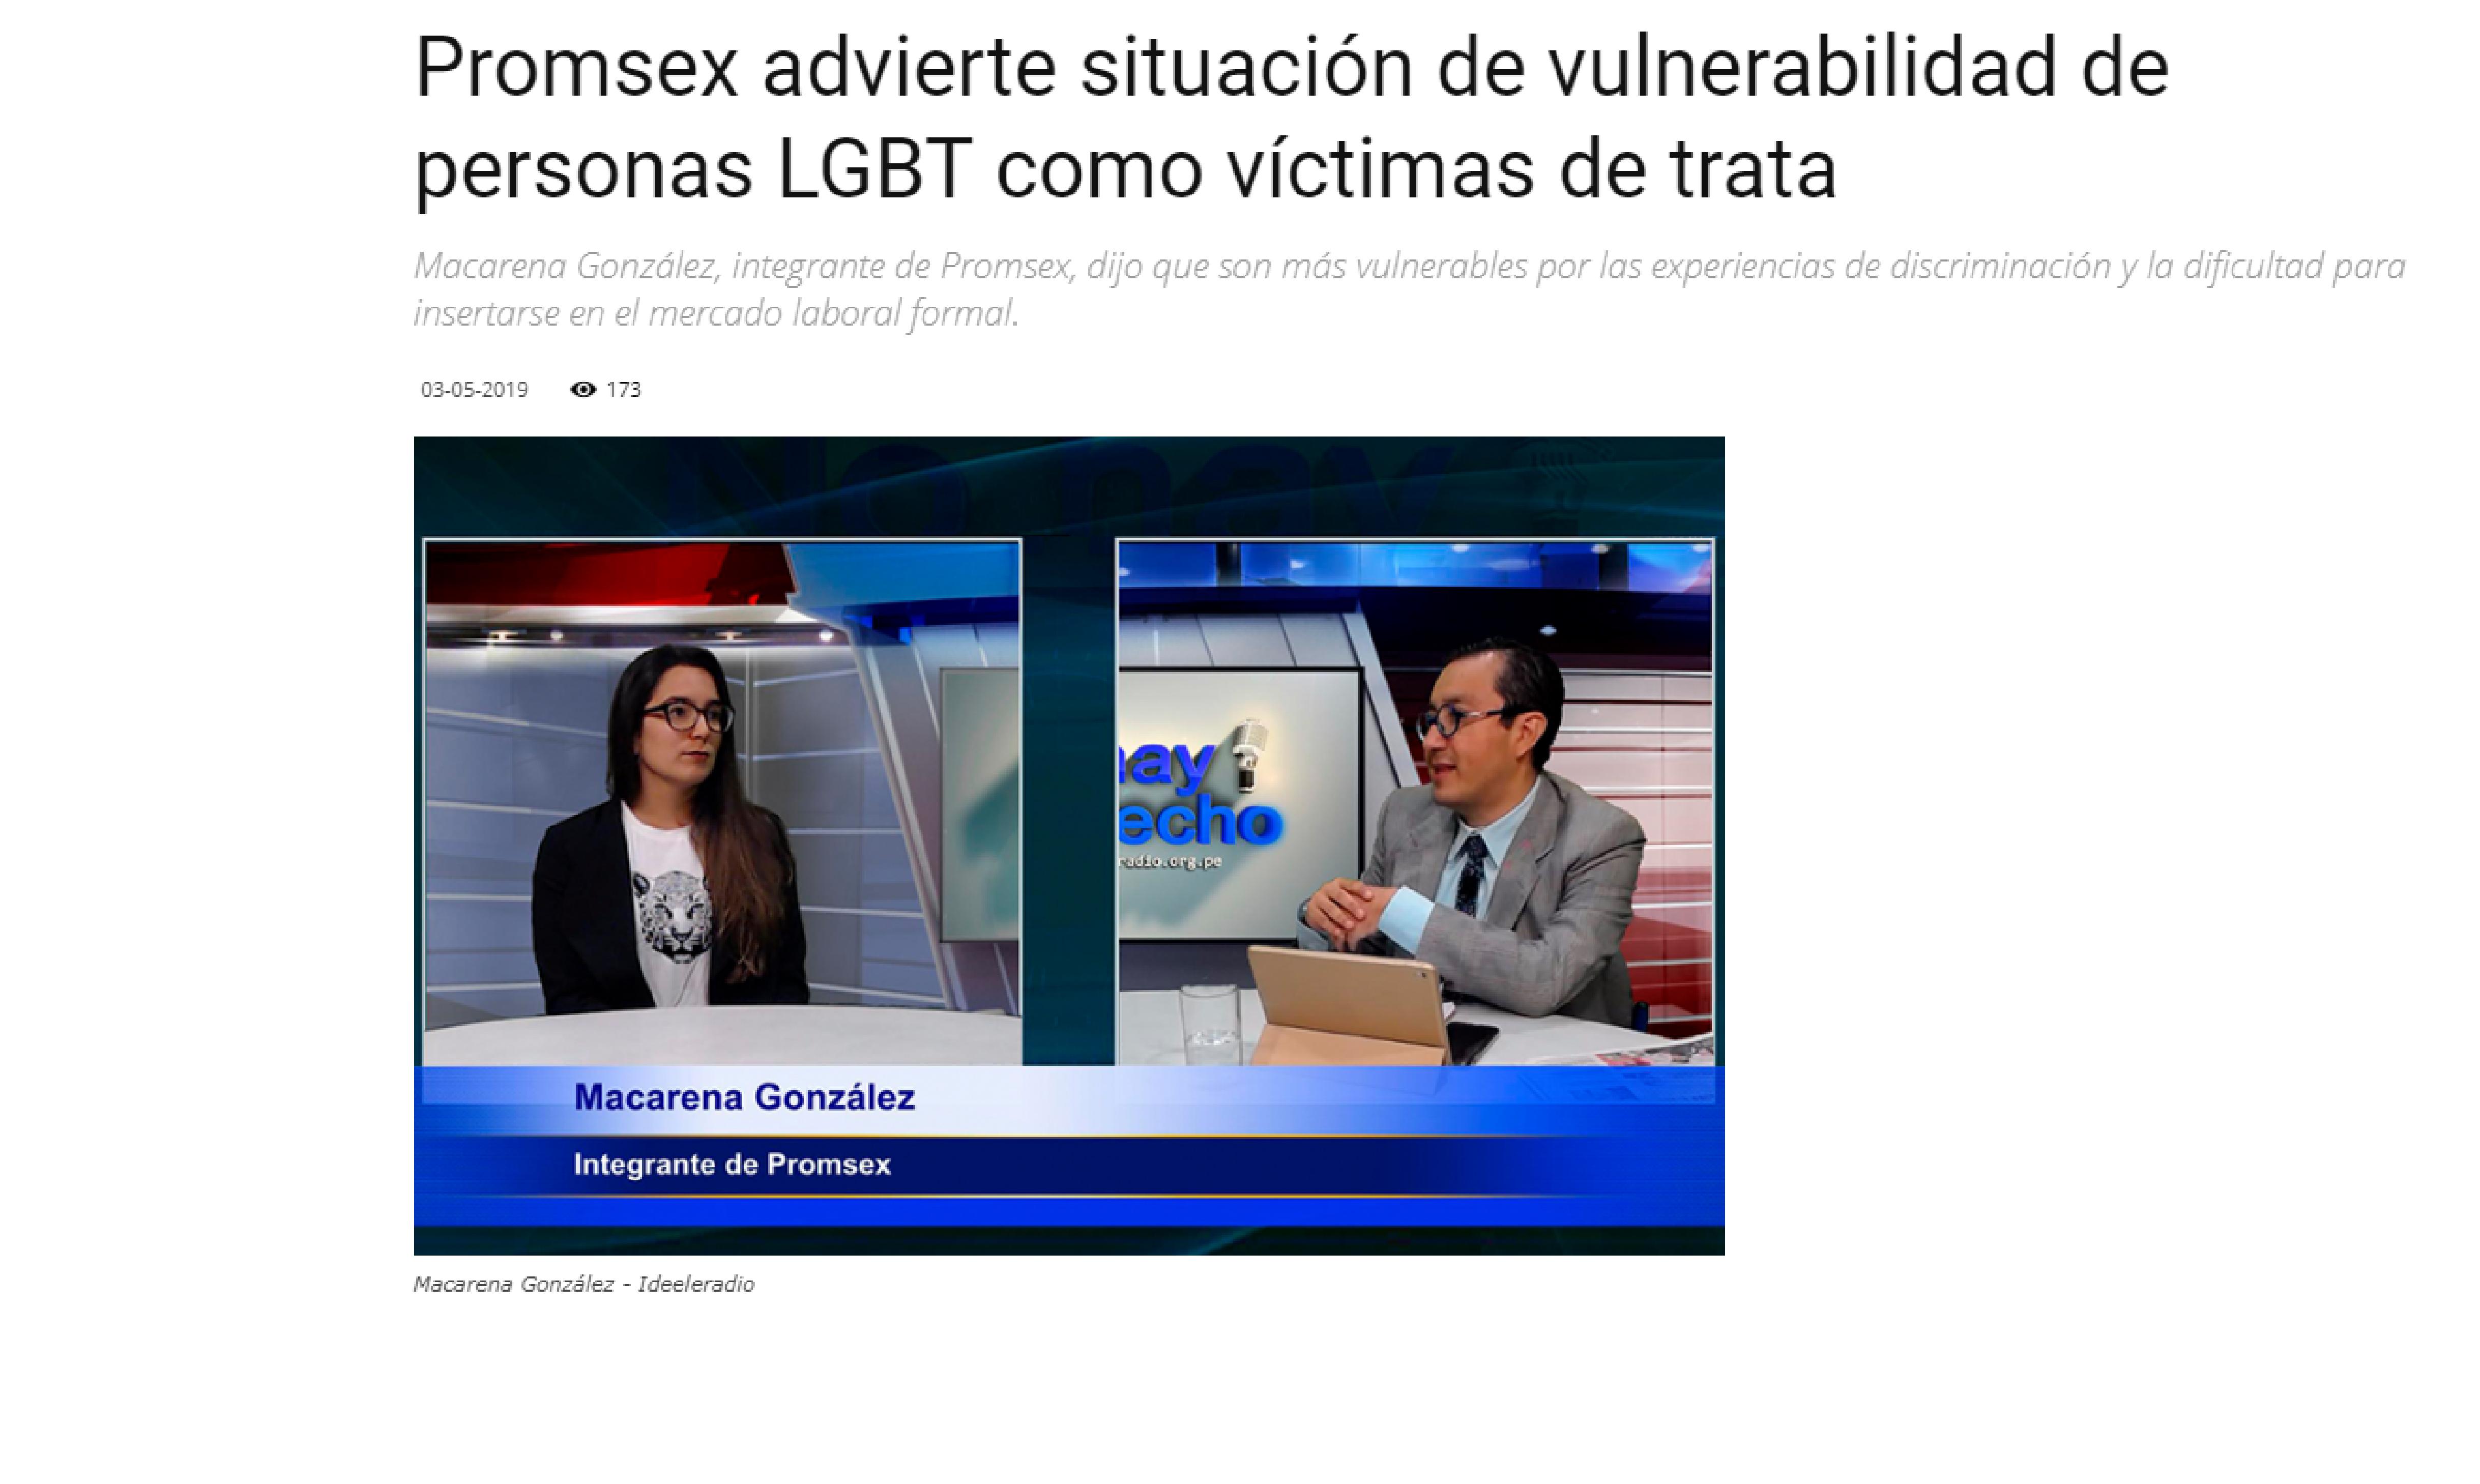 Promsex advierte situación de vulnerabilidad de personas LGBT como víctimas de trata